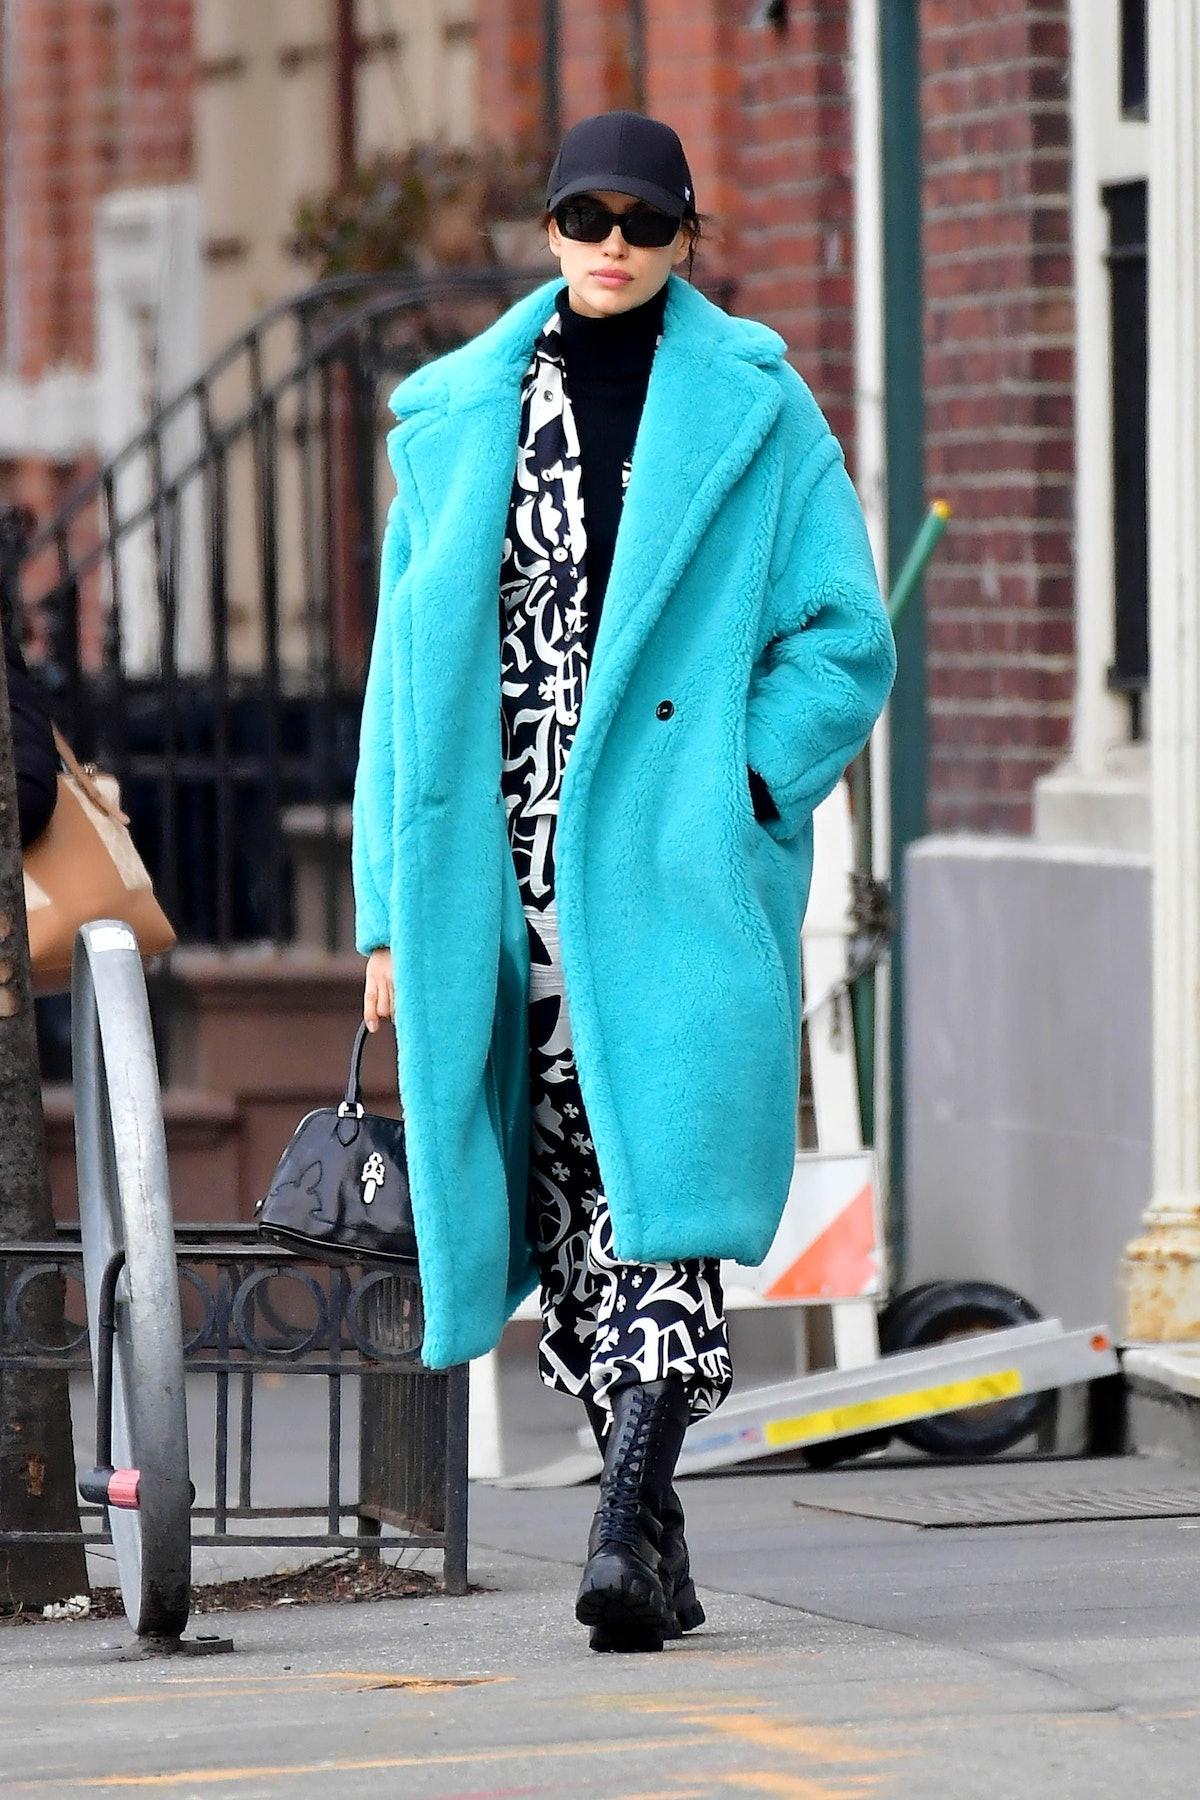 Irina Shayk wearing Max Mara coat in New York City.